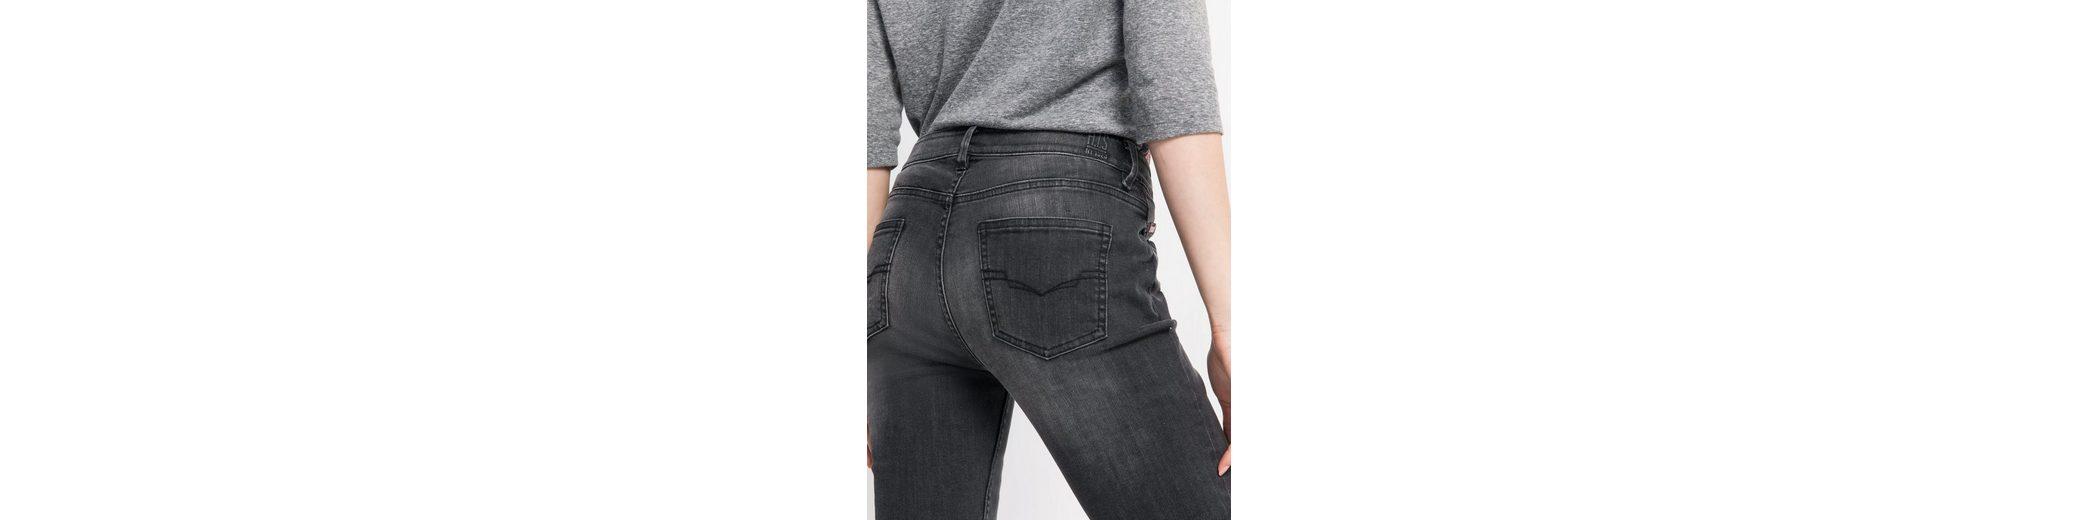 H.I.S Jeans Monroe Outlet Brandneue Unisex Freies Verschiffen Bilder UE54SfPej